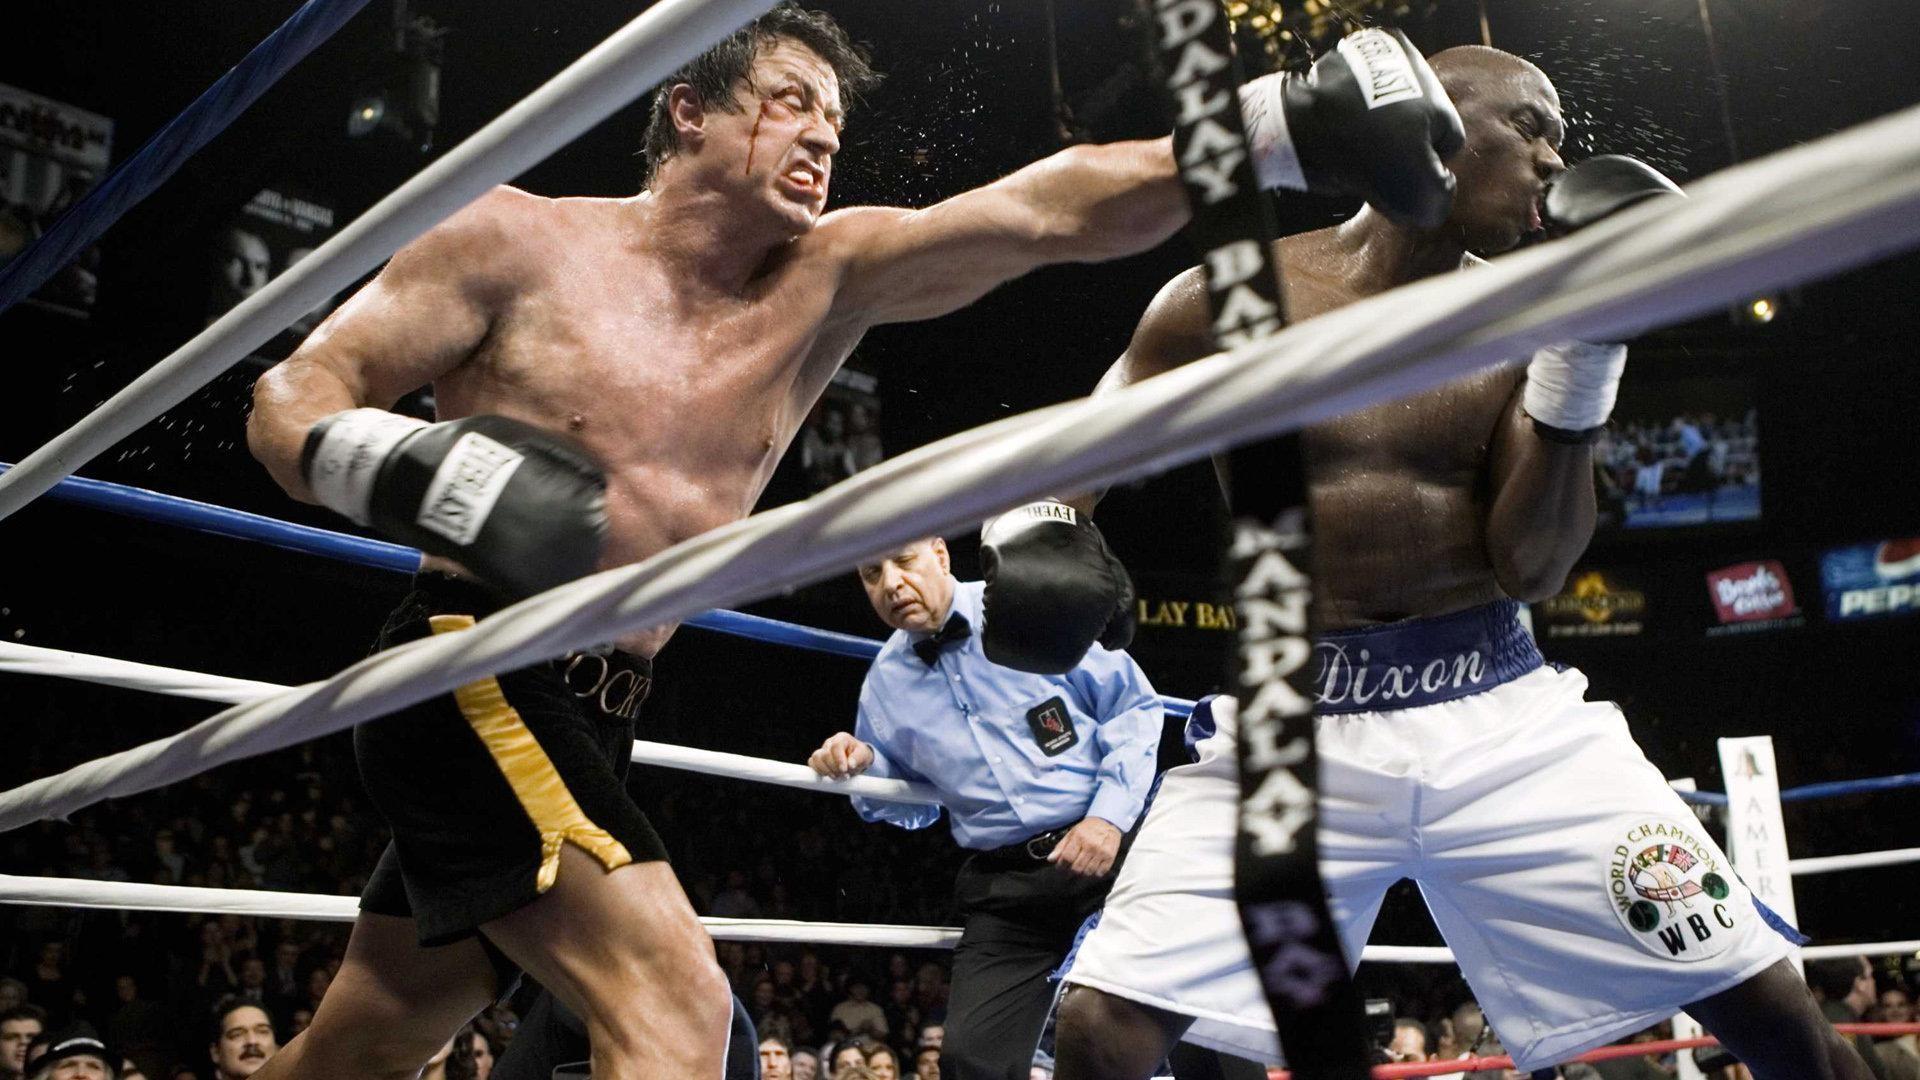 Сильвестр сталлоне фильм бокс скуби ду фильм монстр из мексики